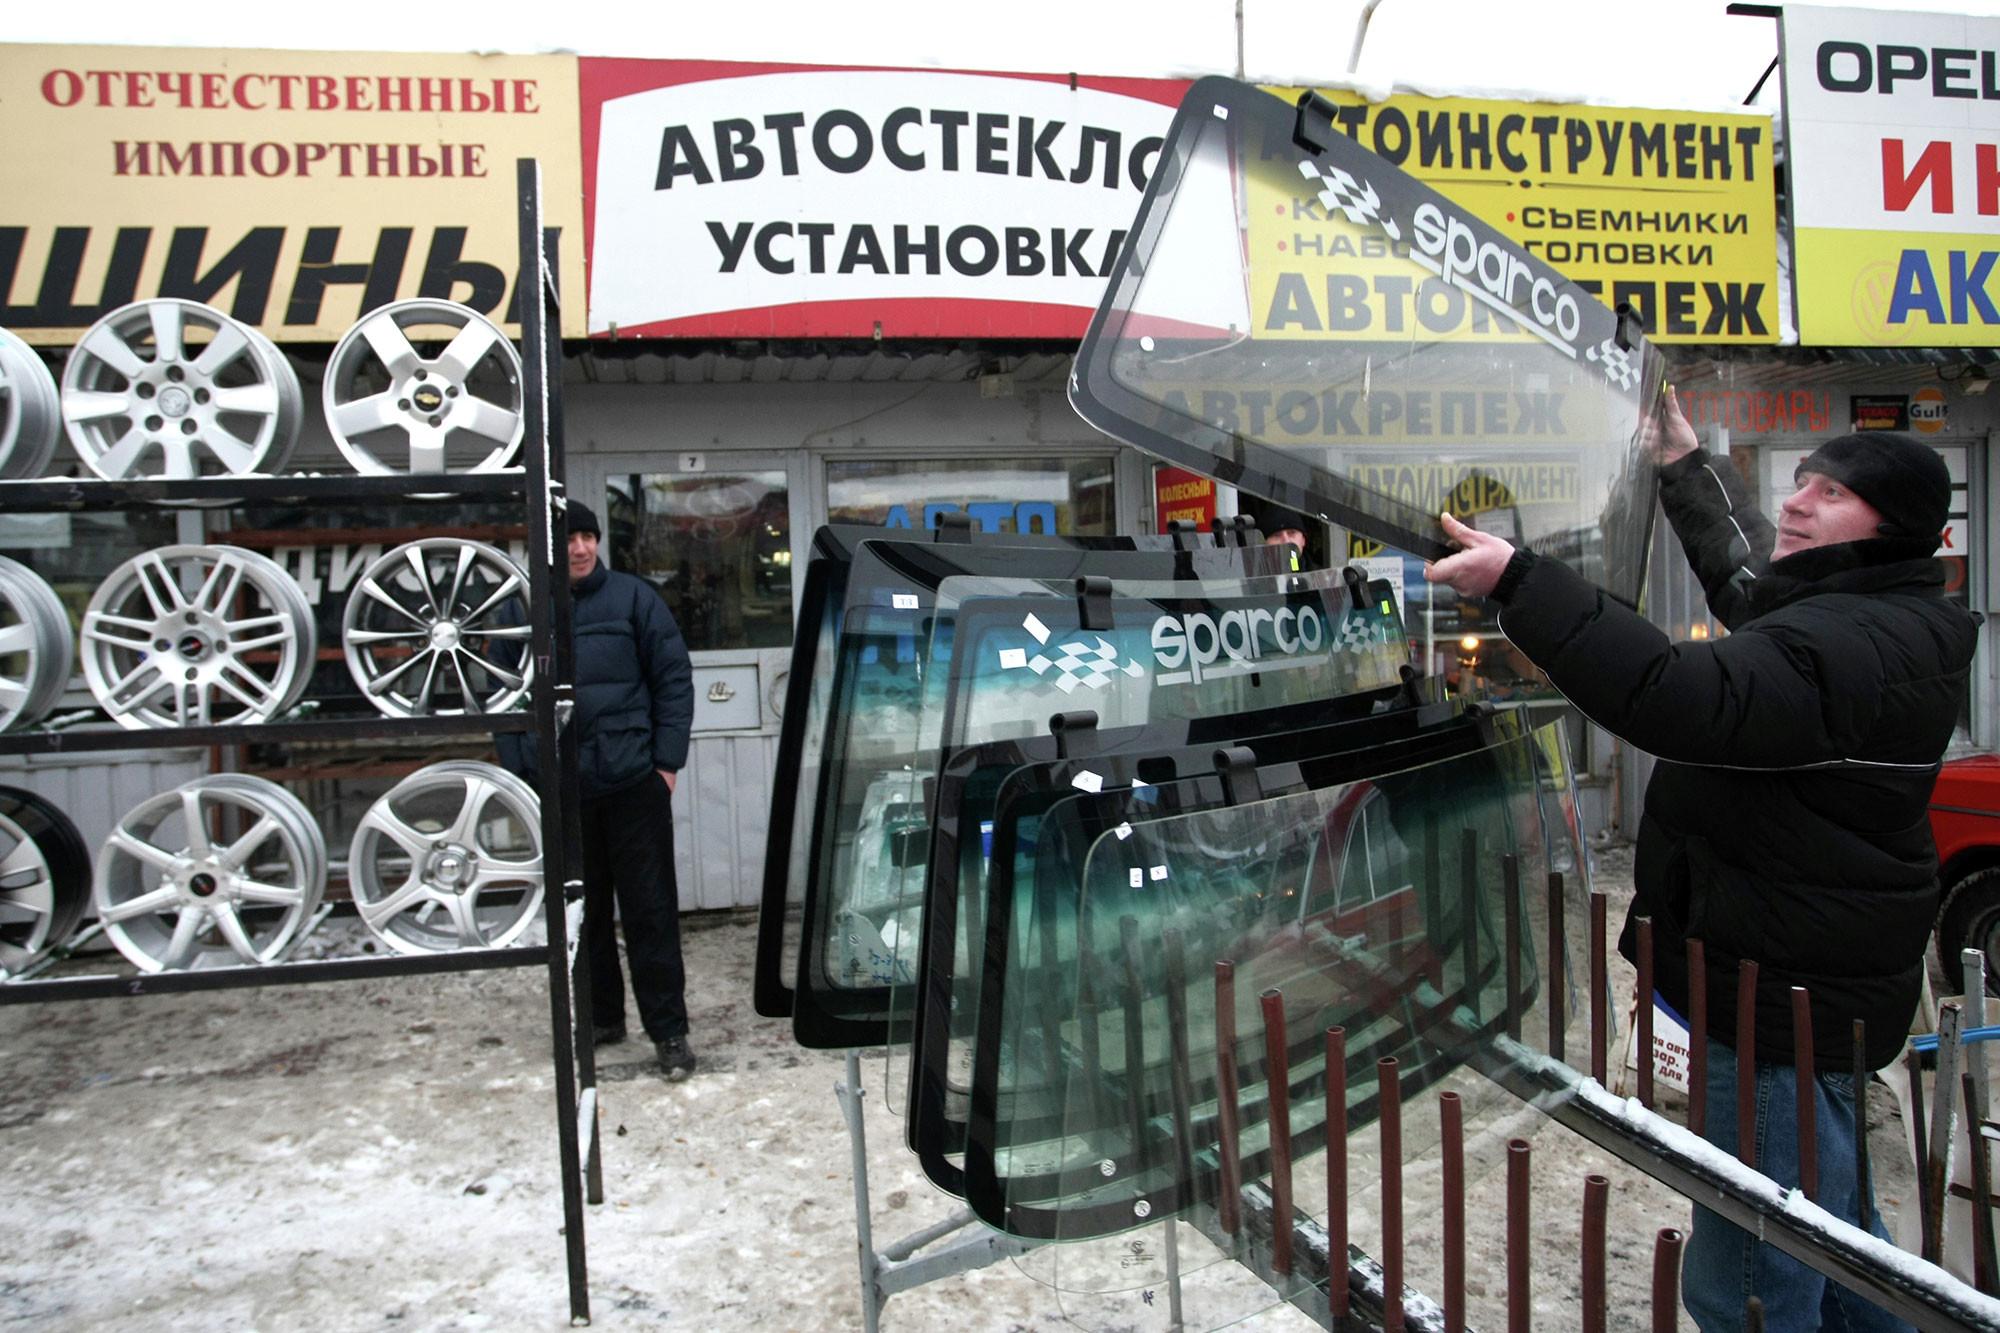 Фото: ©РИА Новости / Игорь Самойлов